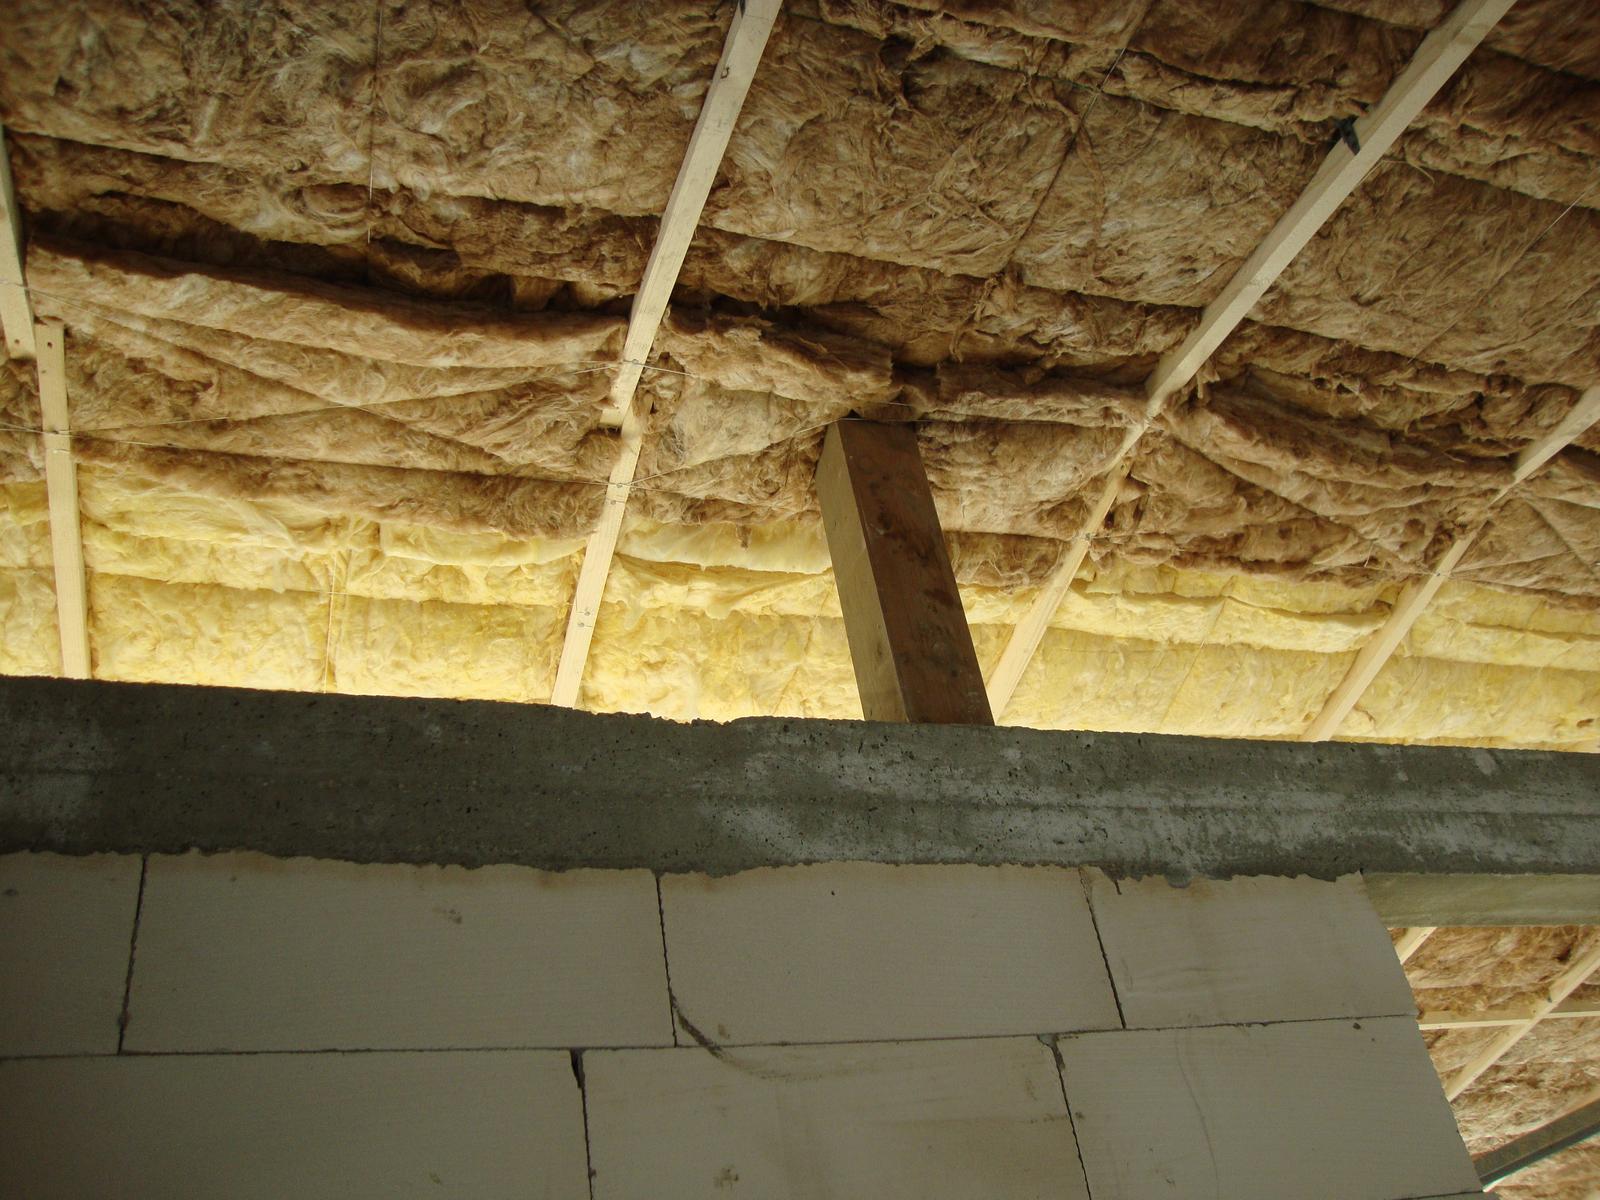 Efektivní bydlení - 5tkou jsem akorad přidělal pod vaznici a okolo zdiva